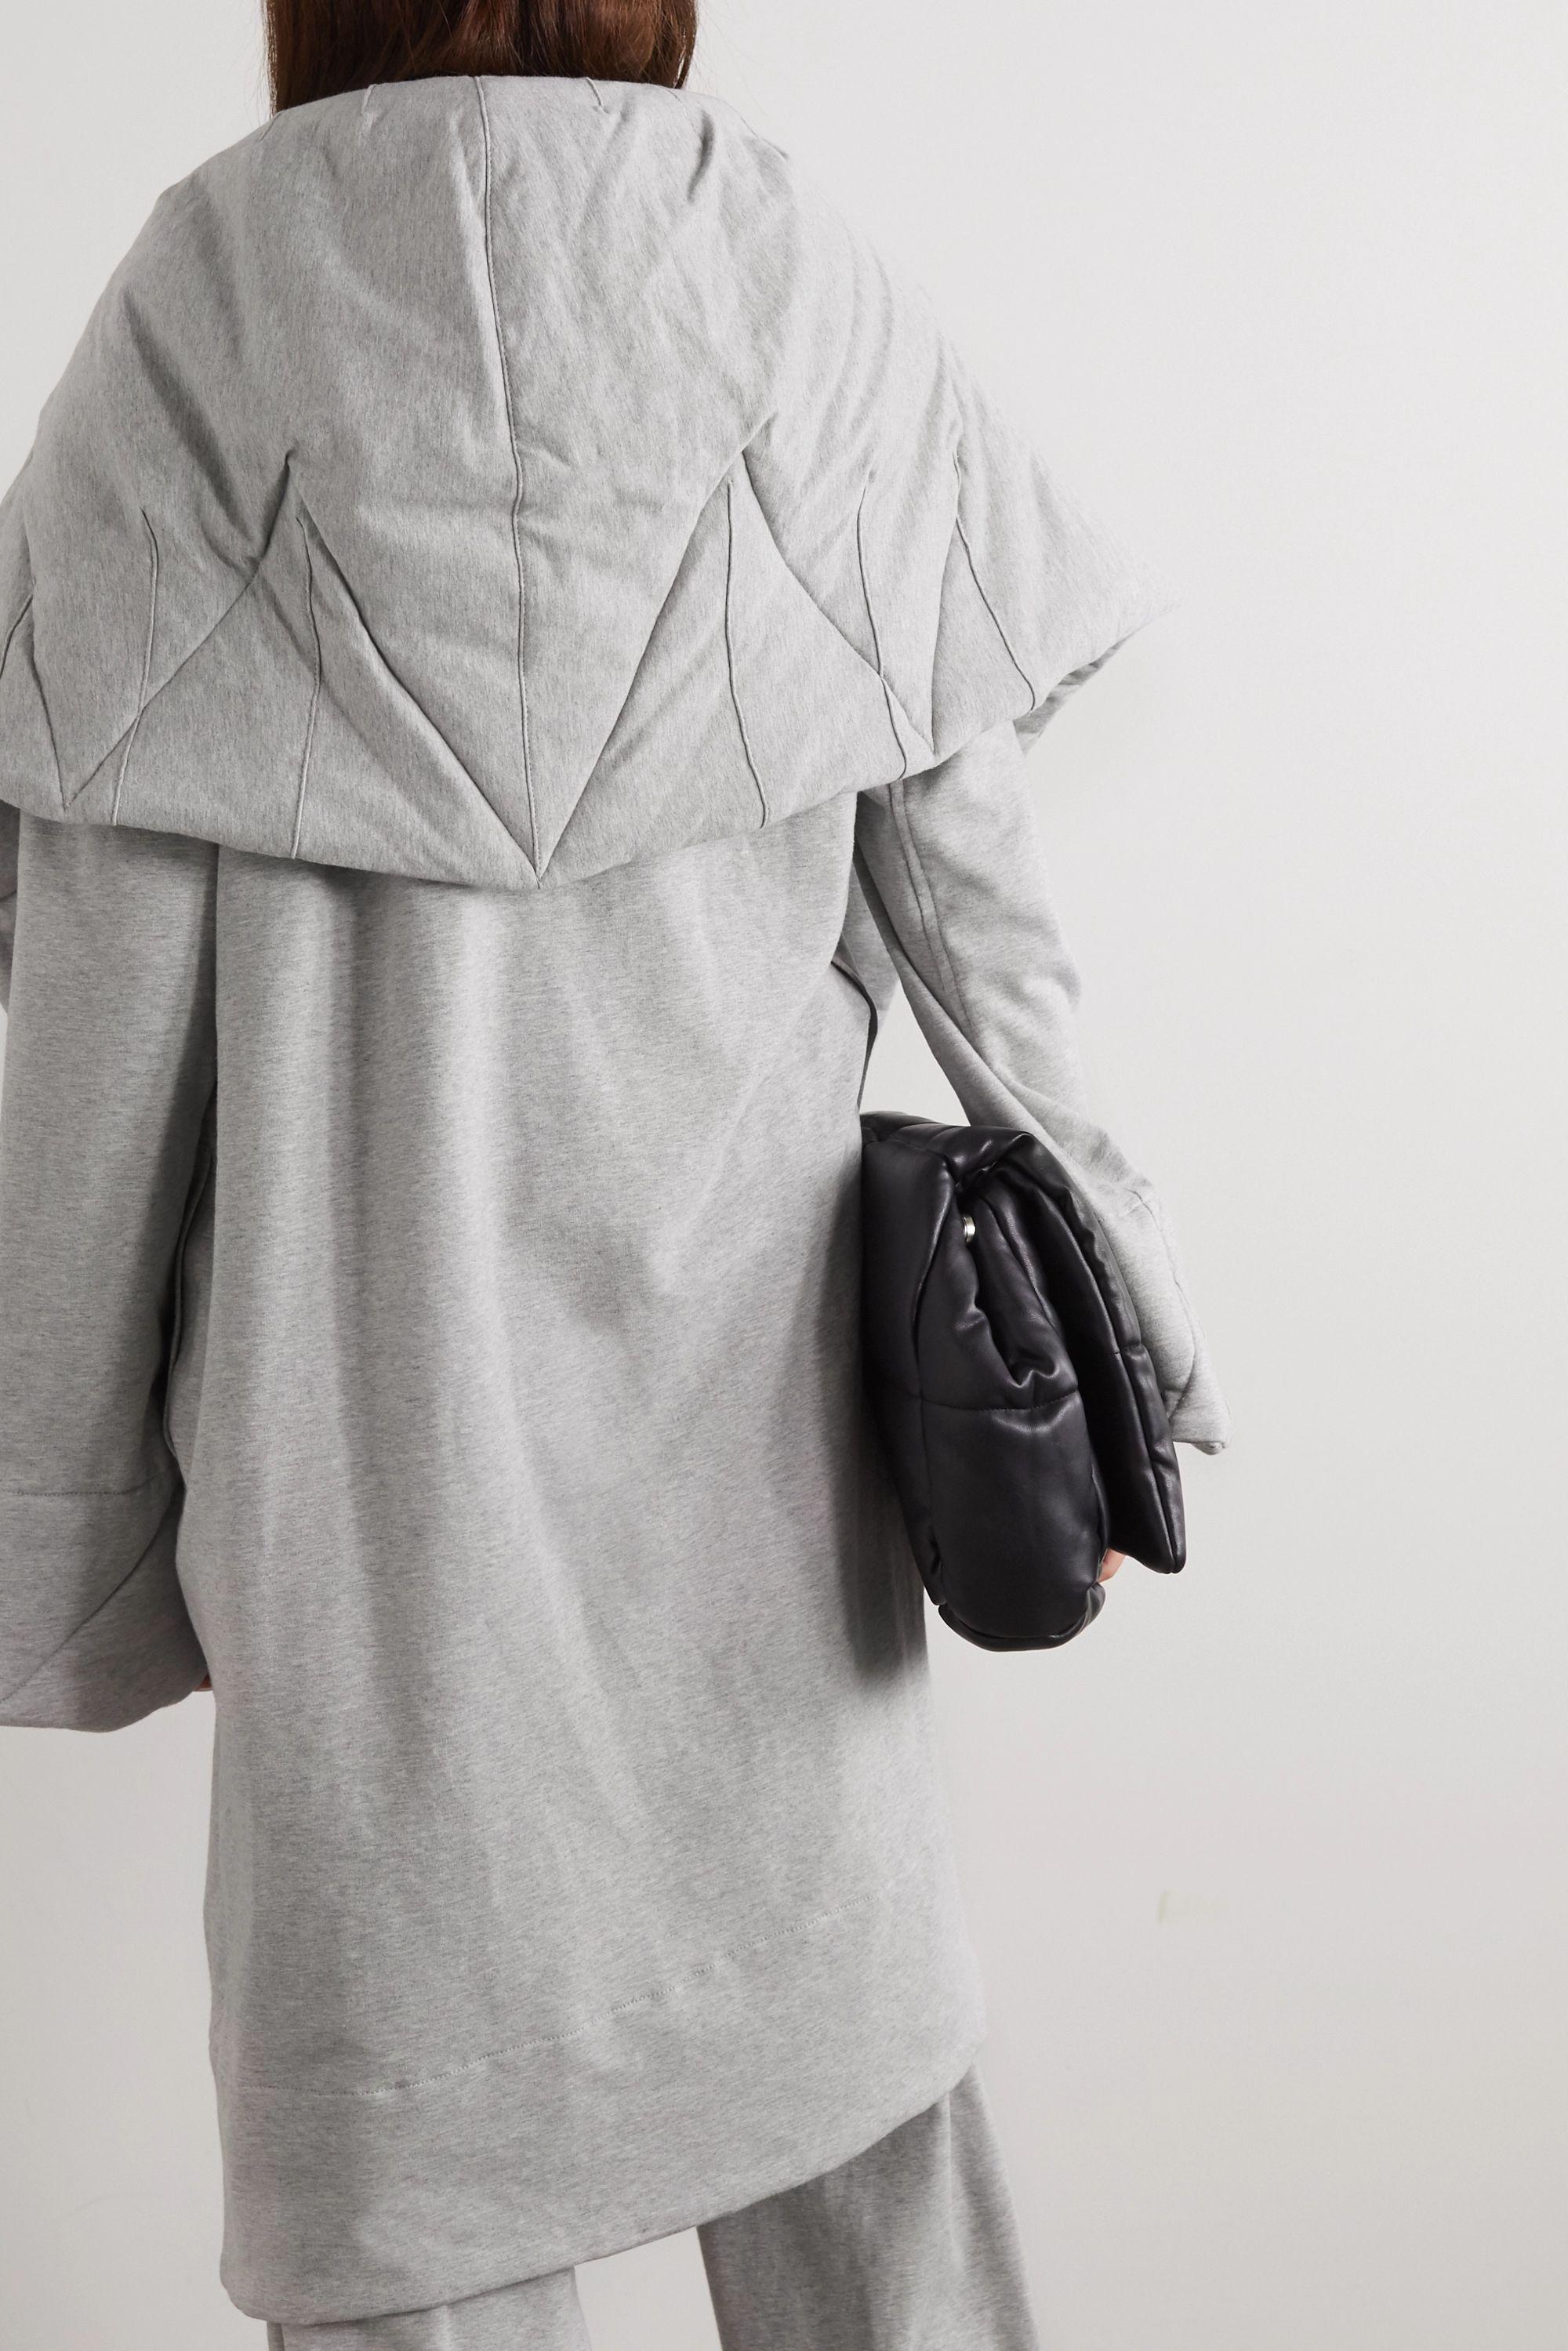 Norma Kamali Manteau oversize en jersey de coton stretch chiné matelassé